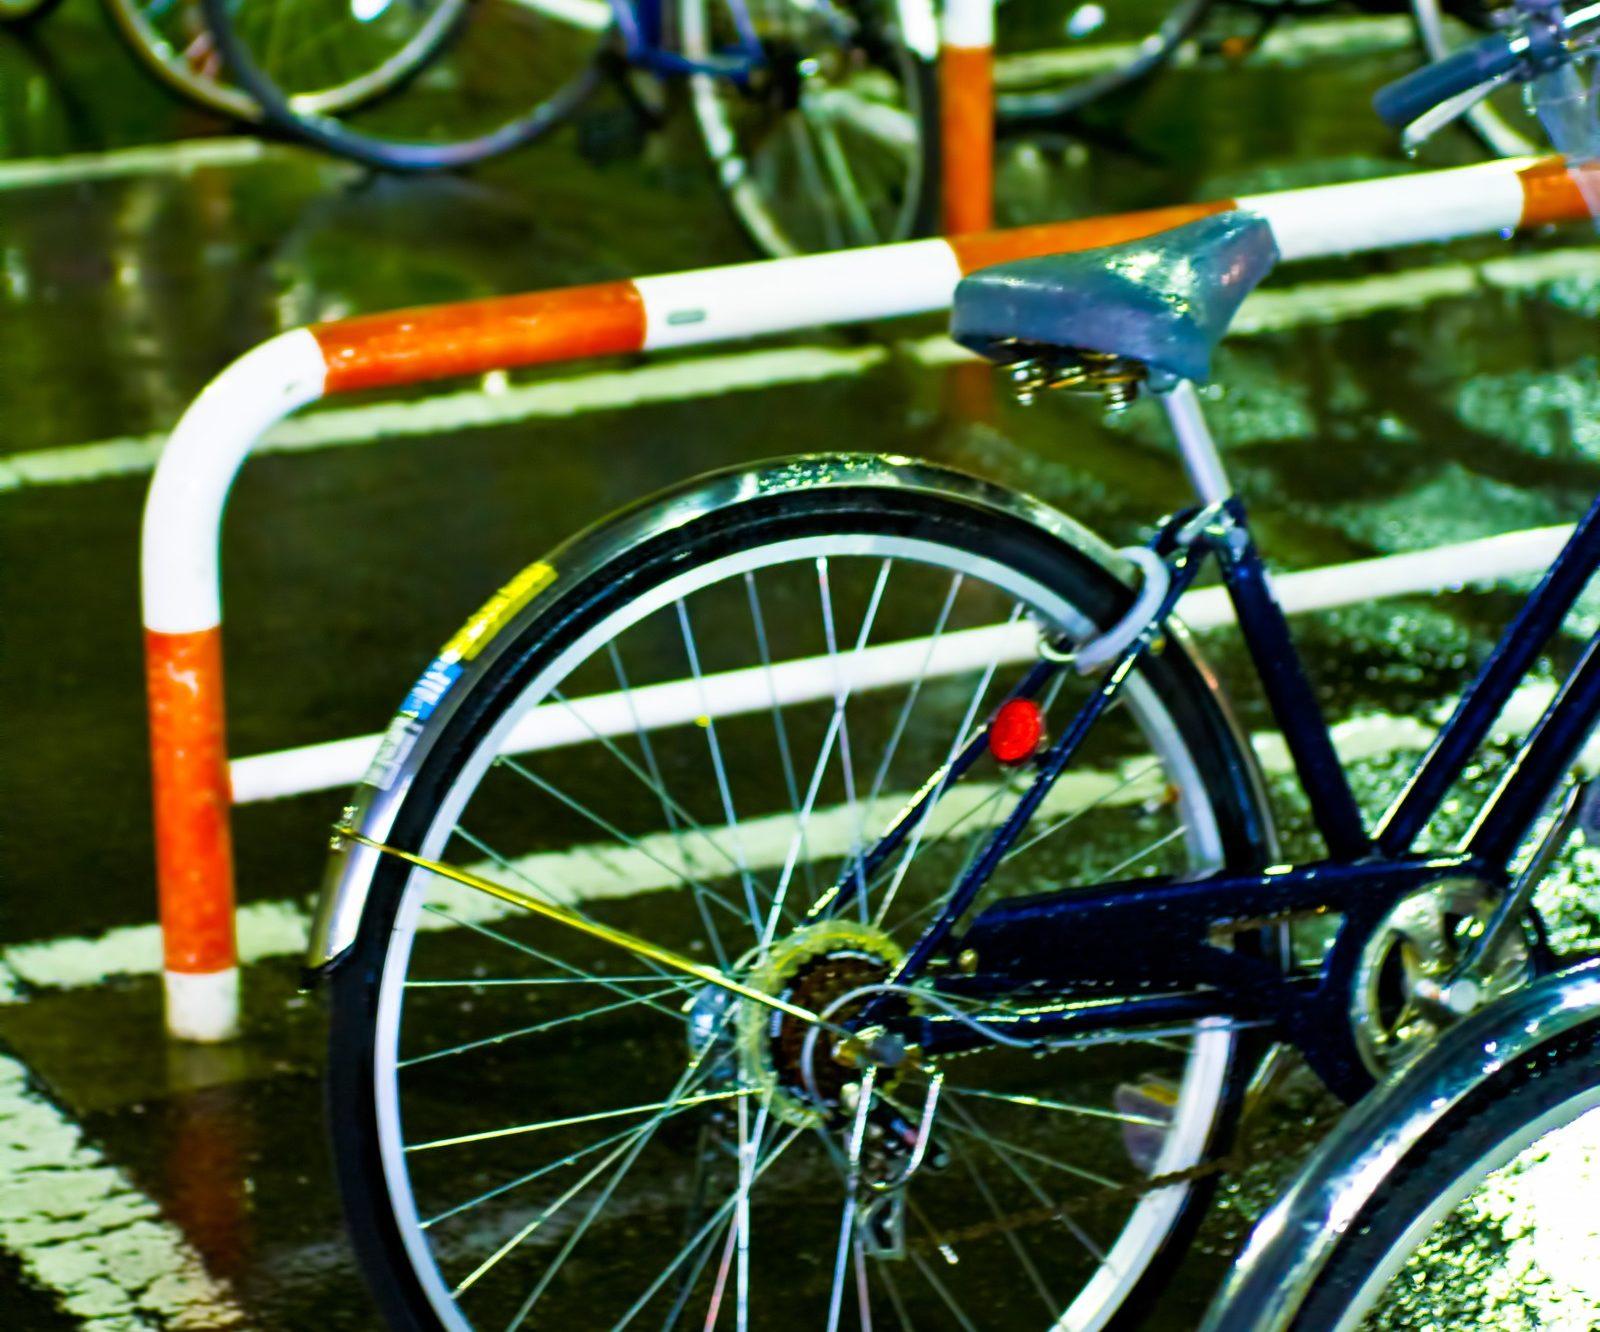 濡れた自転車